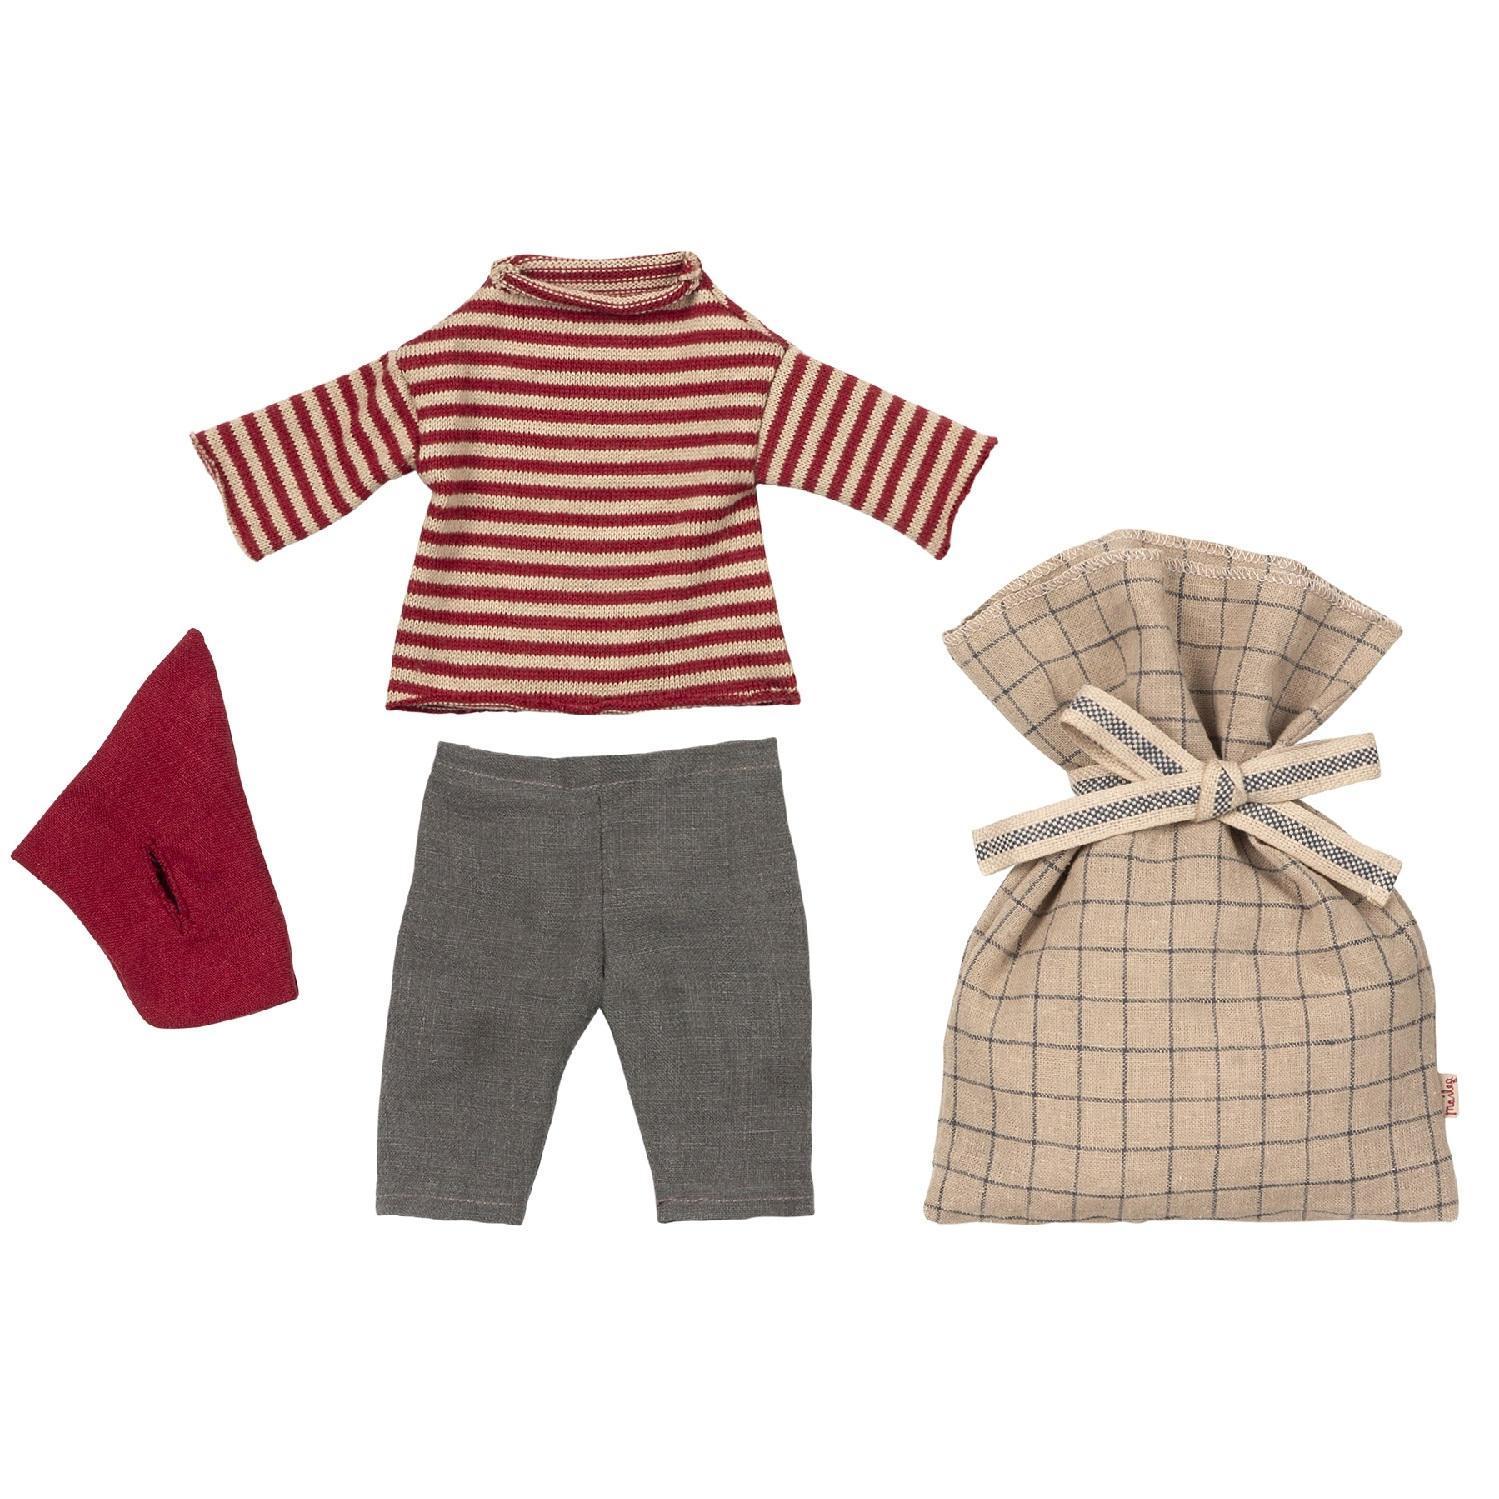 Maileg Vánoční oblečení na myšáka - medium, červená barva, béžová barva, textil